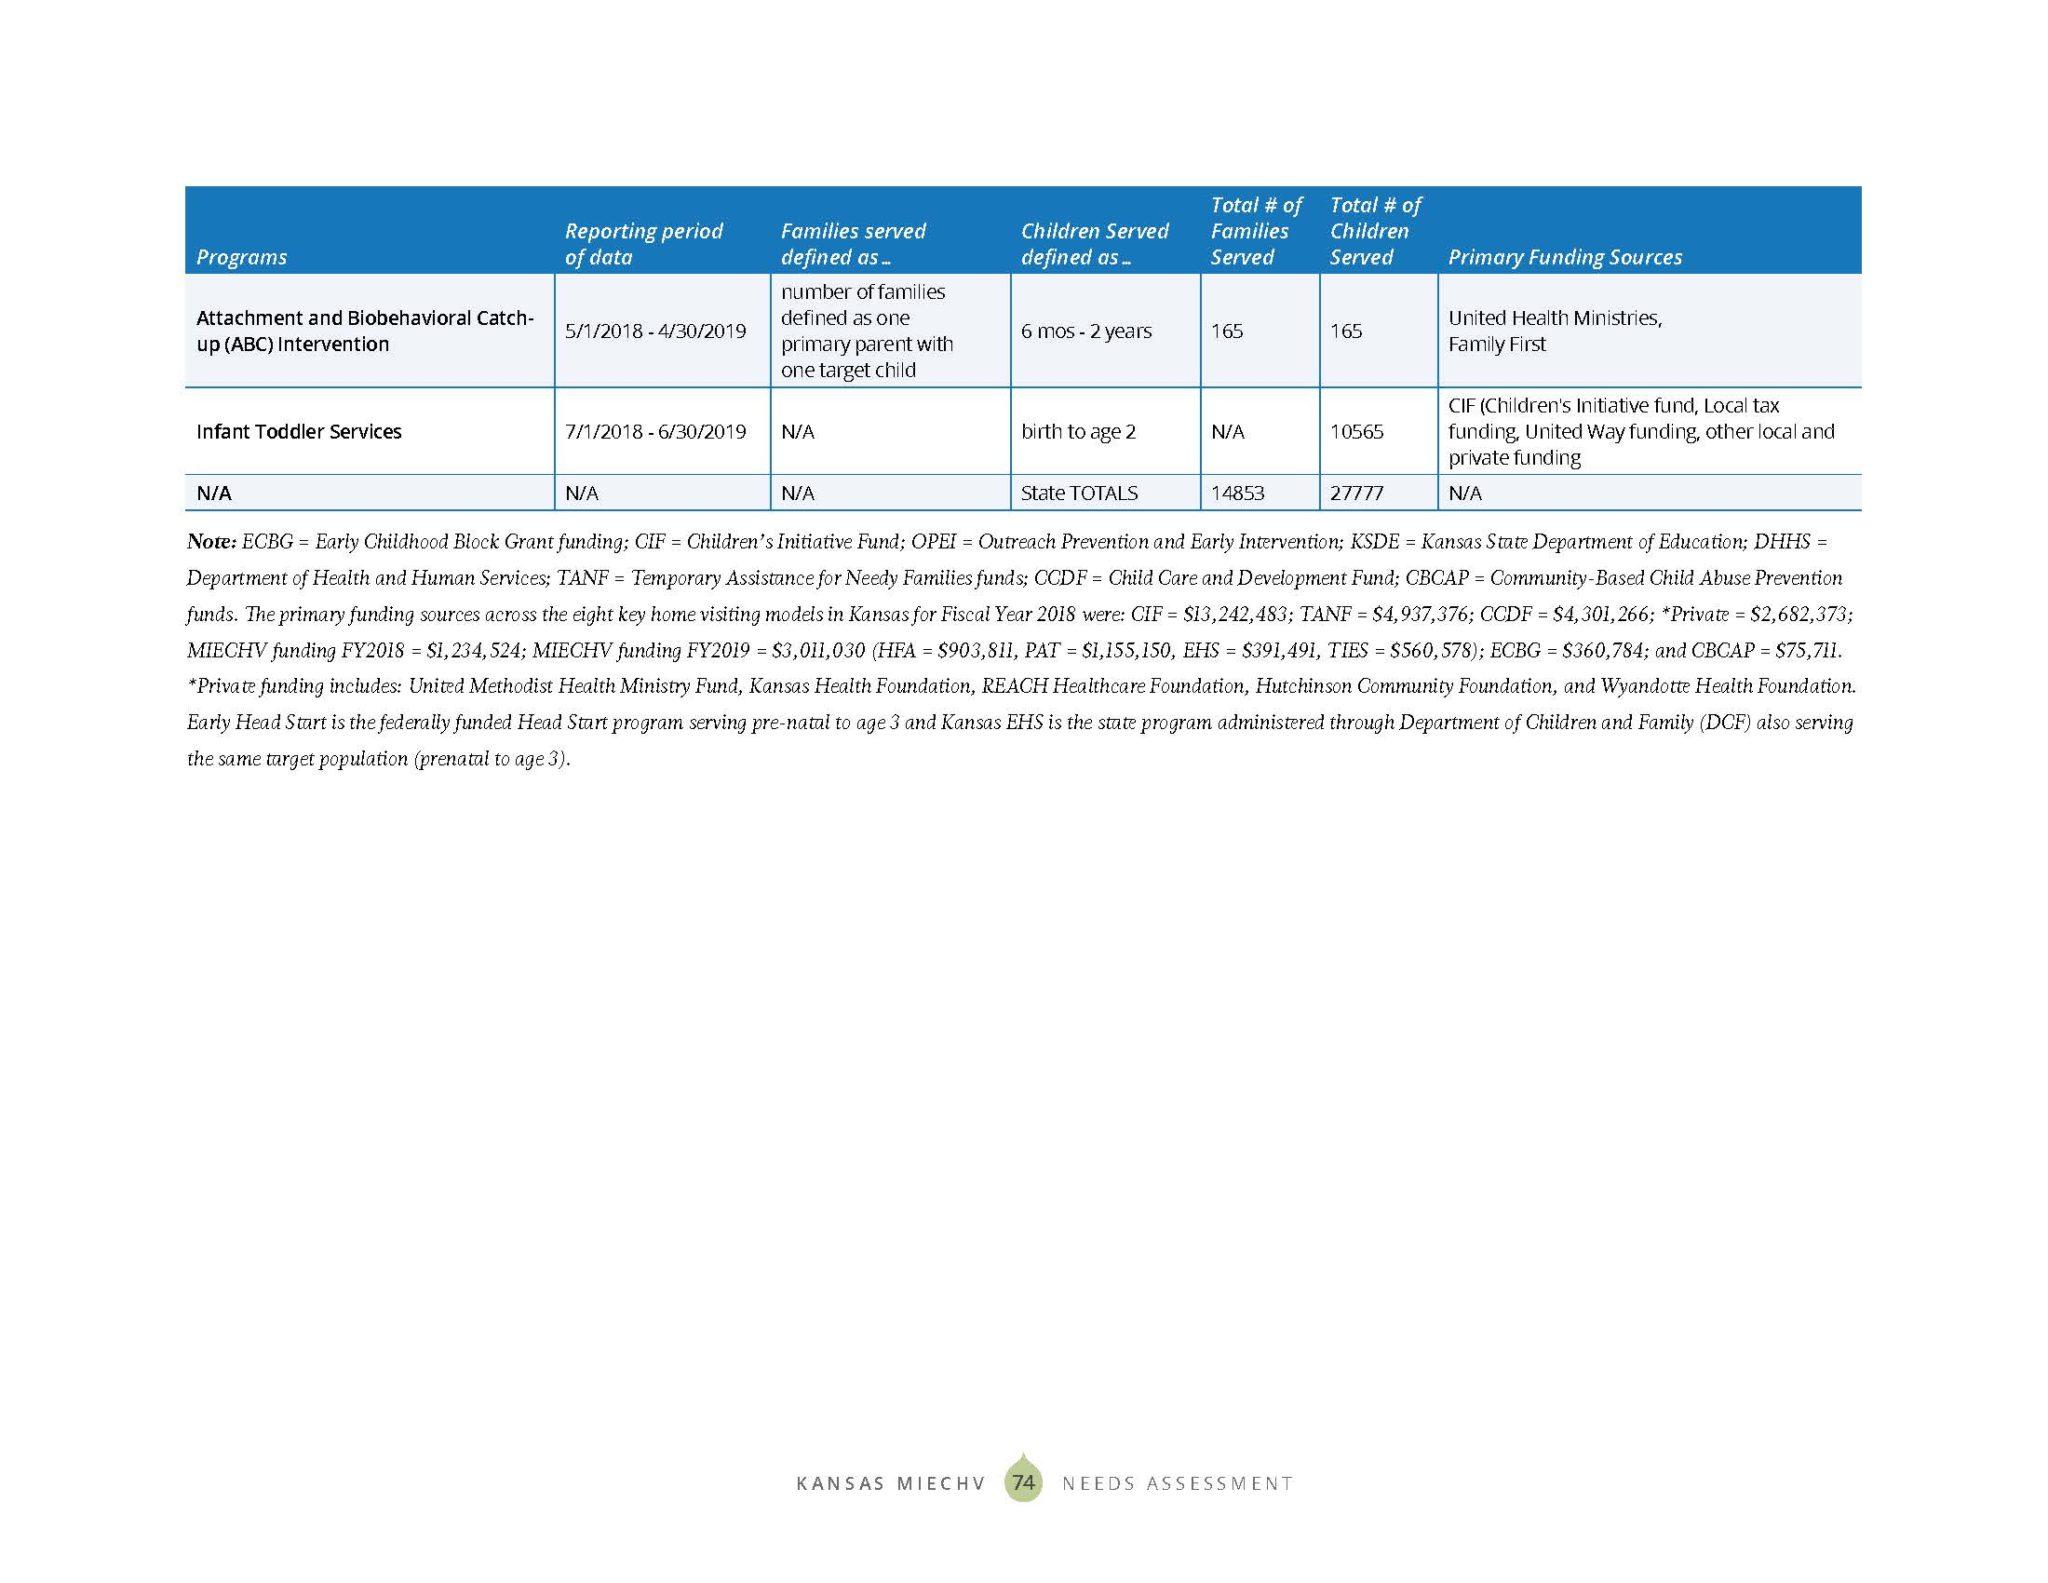 KS MIECHV 2020 Needs Assessment_DIGITAL_Page_082